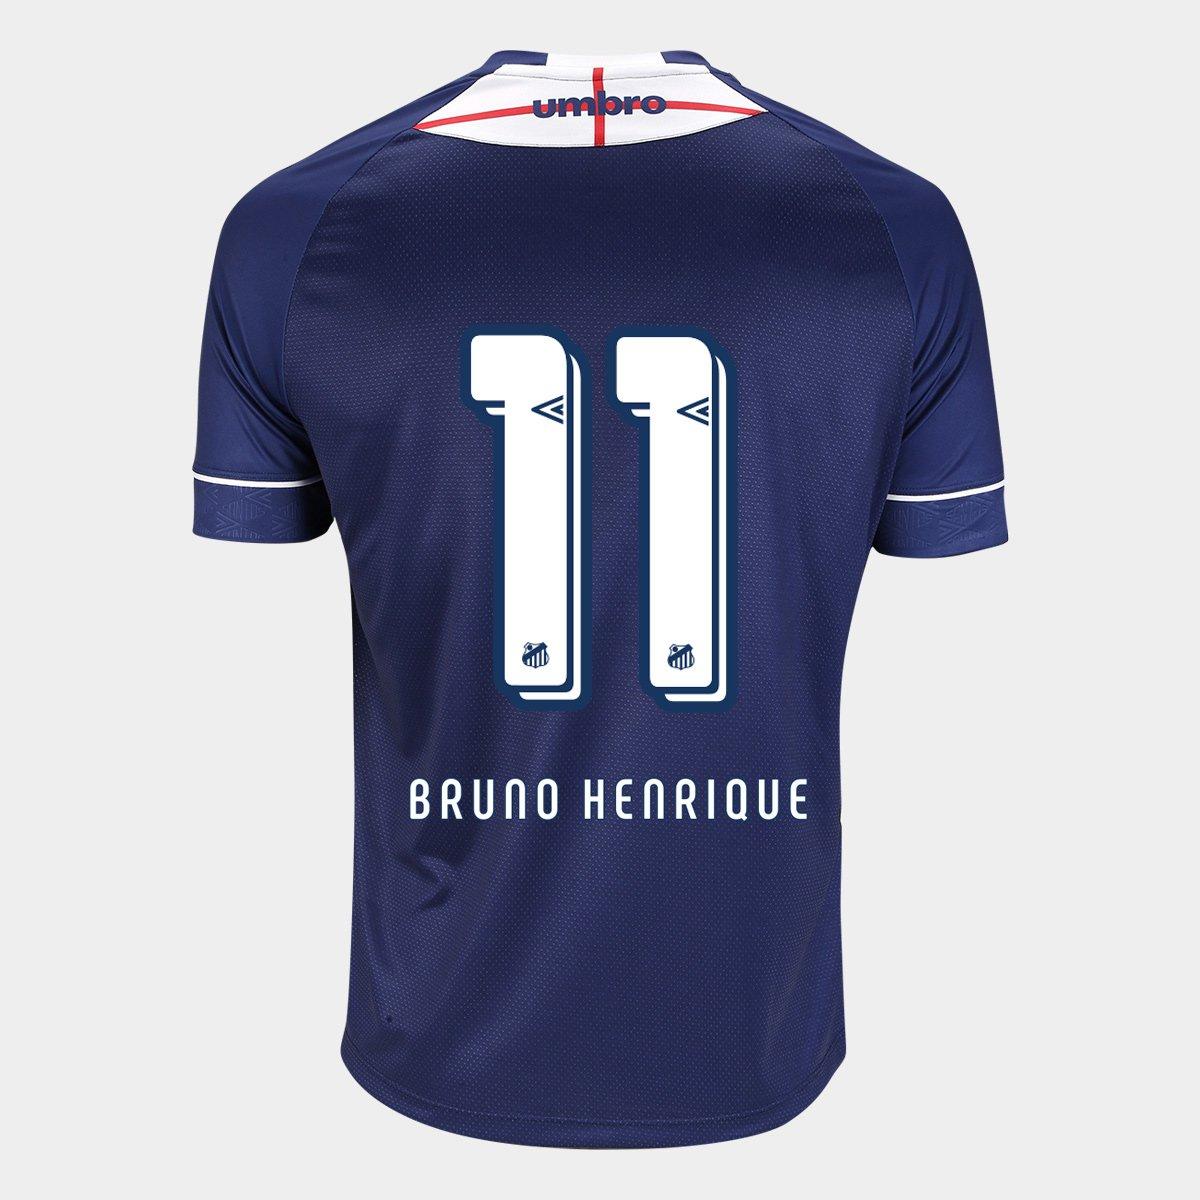 20ab3b3f914 Camisa Santos 2018 The Kingdom n° 11 Bruno Henrique - Torcedor Umbro  Masculina - Compre Agora